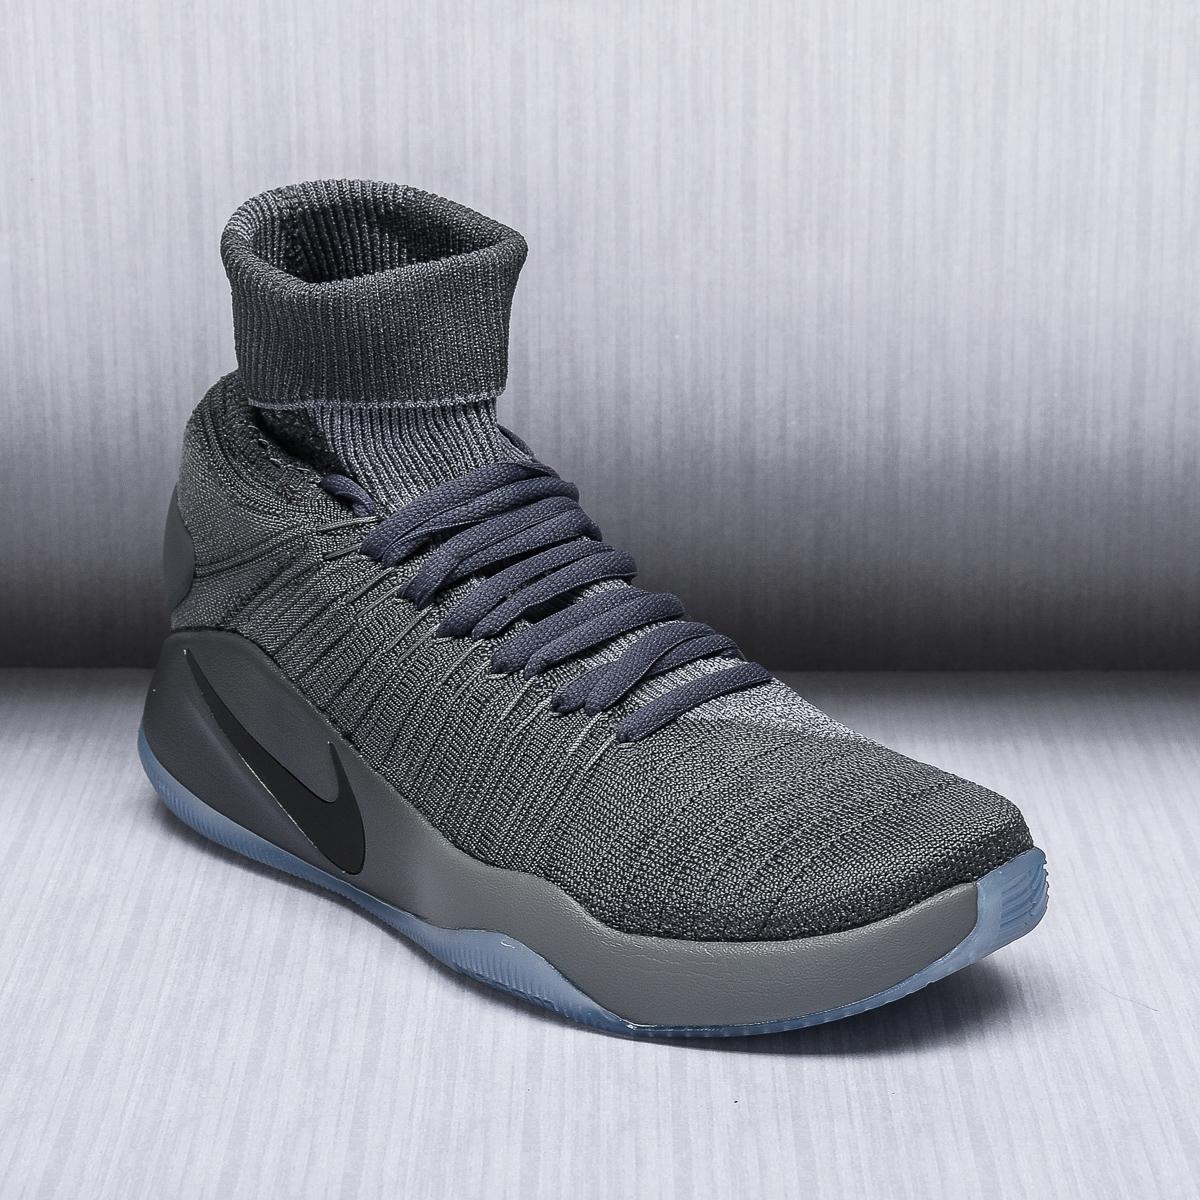 e8f09e681feb ... Nike Hyperdunk 2016 Flyknit  Nike Hyperdunk 2016 Flyknit Men s  Basketball Shoes Dark Obsidian W30c3728 ...